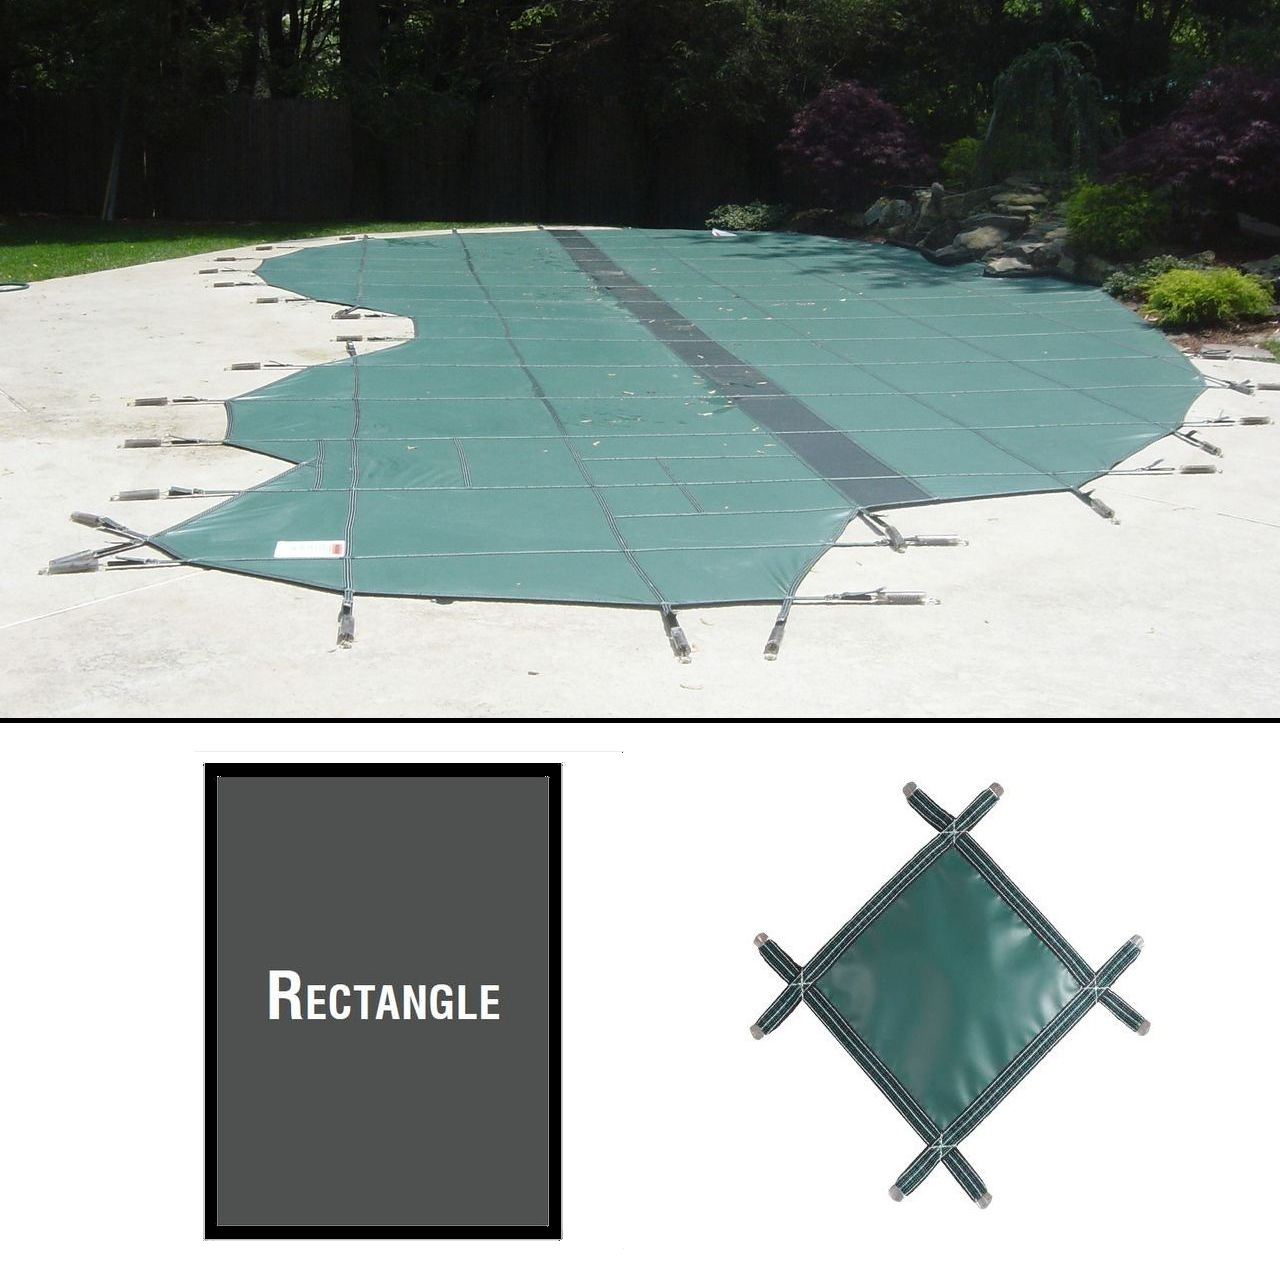 PermaGuard 22'x40' Rectangular Pool Cover